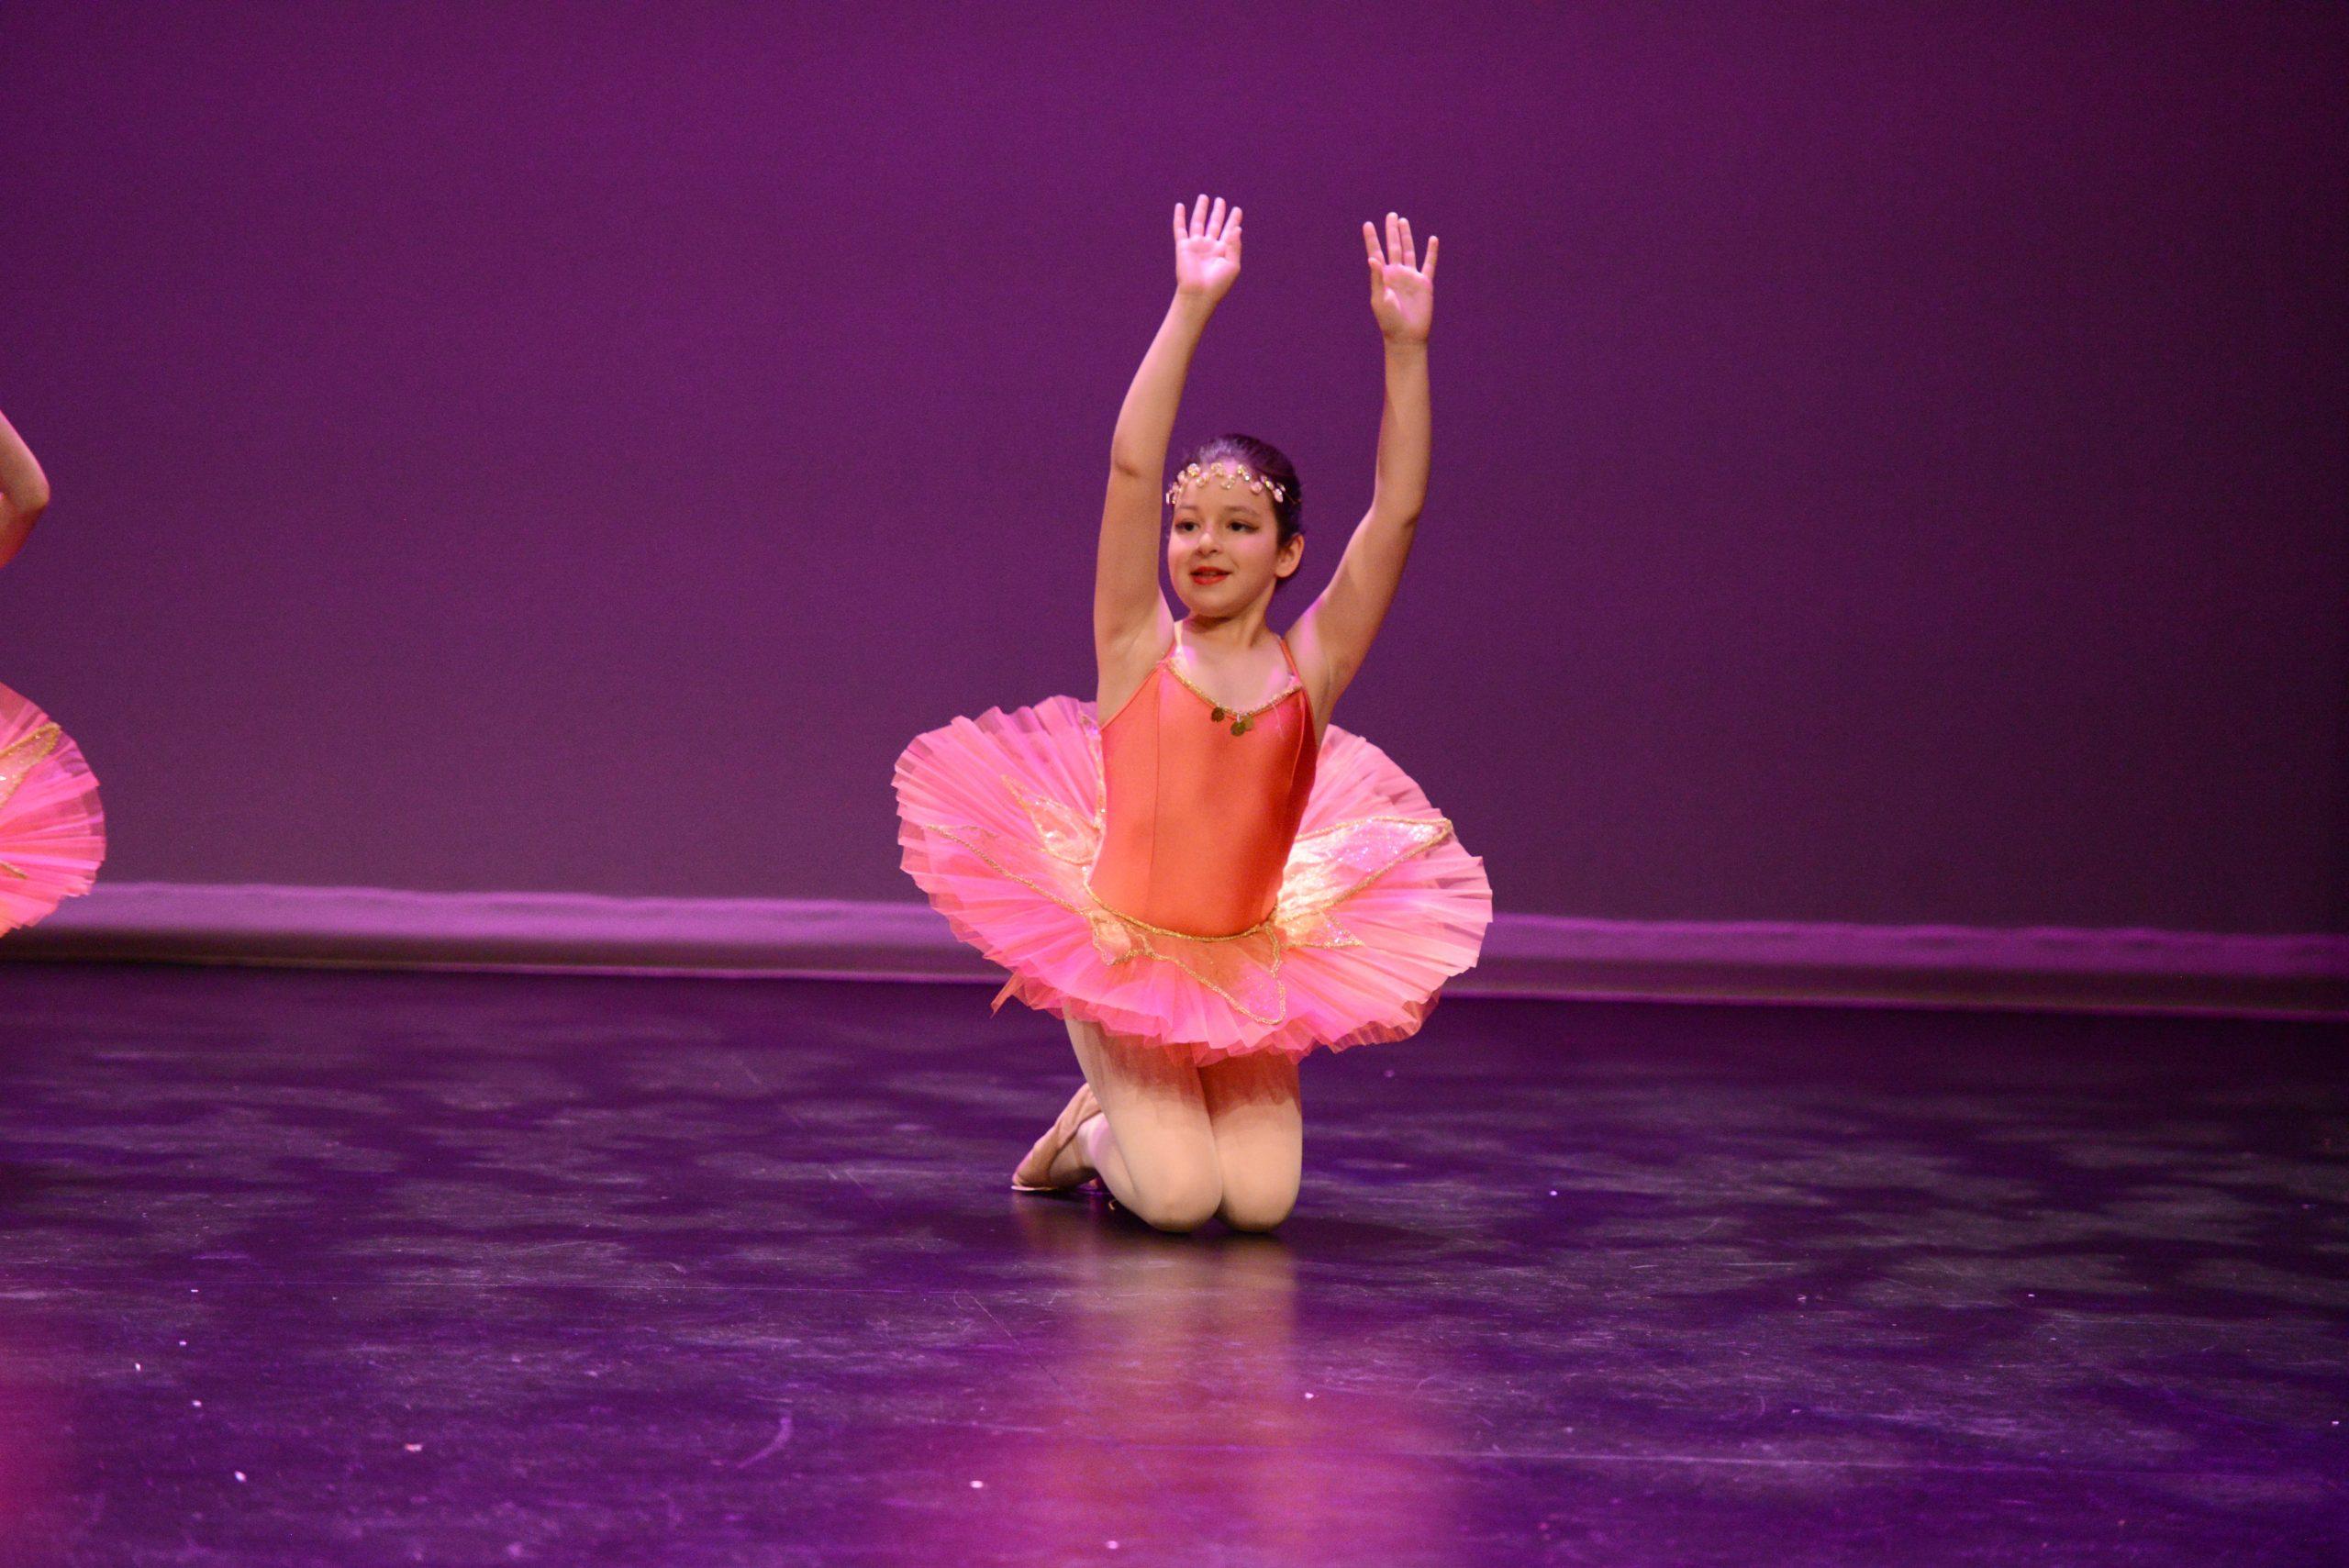 Diakosmos_Dance_Academy_Andrea